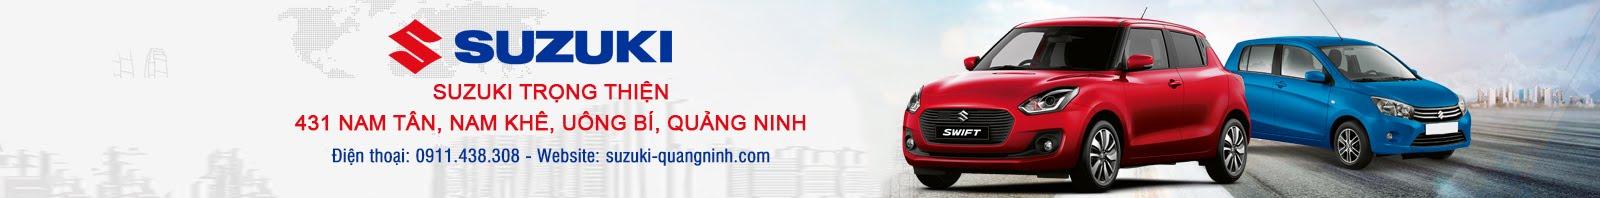 00088 - Suzuki Quảng Ninh